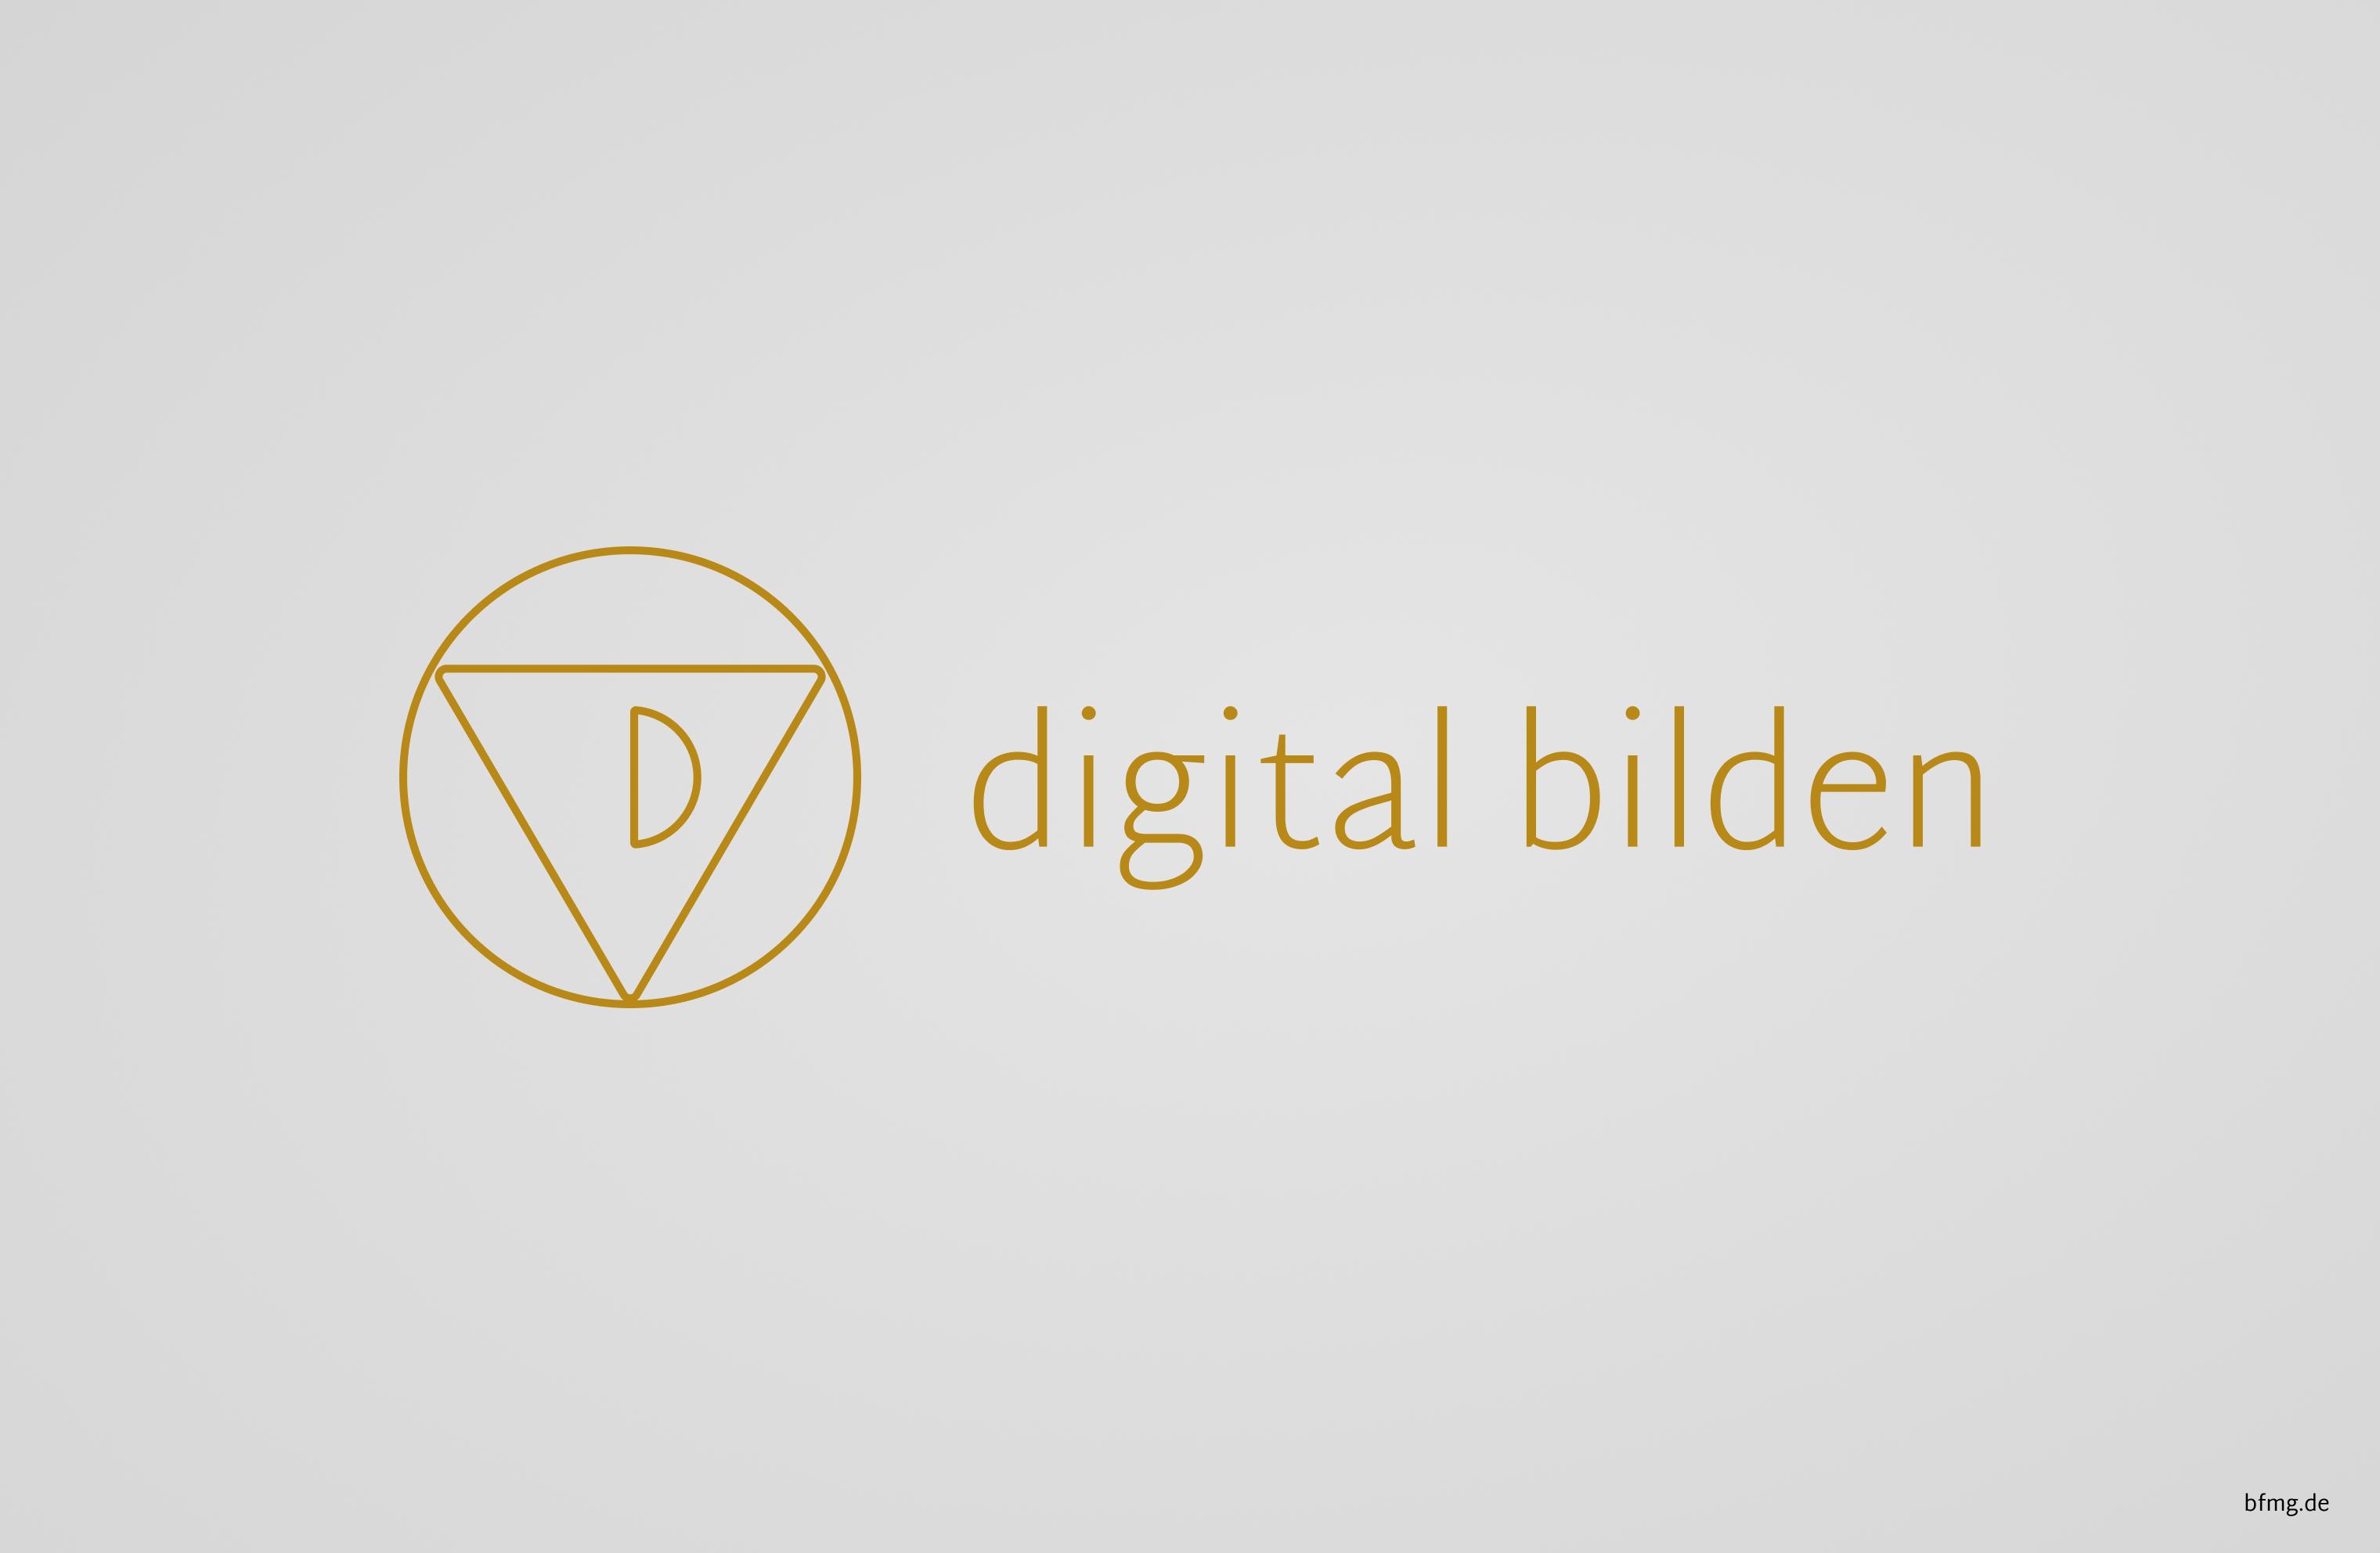 digital bilden